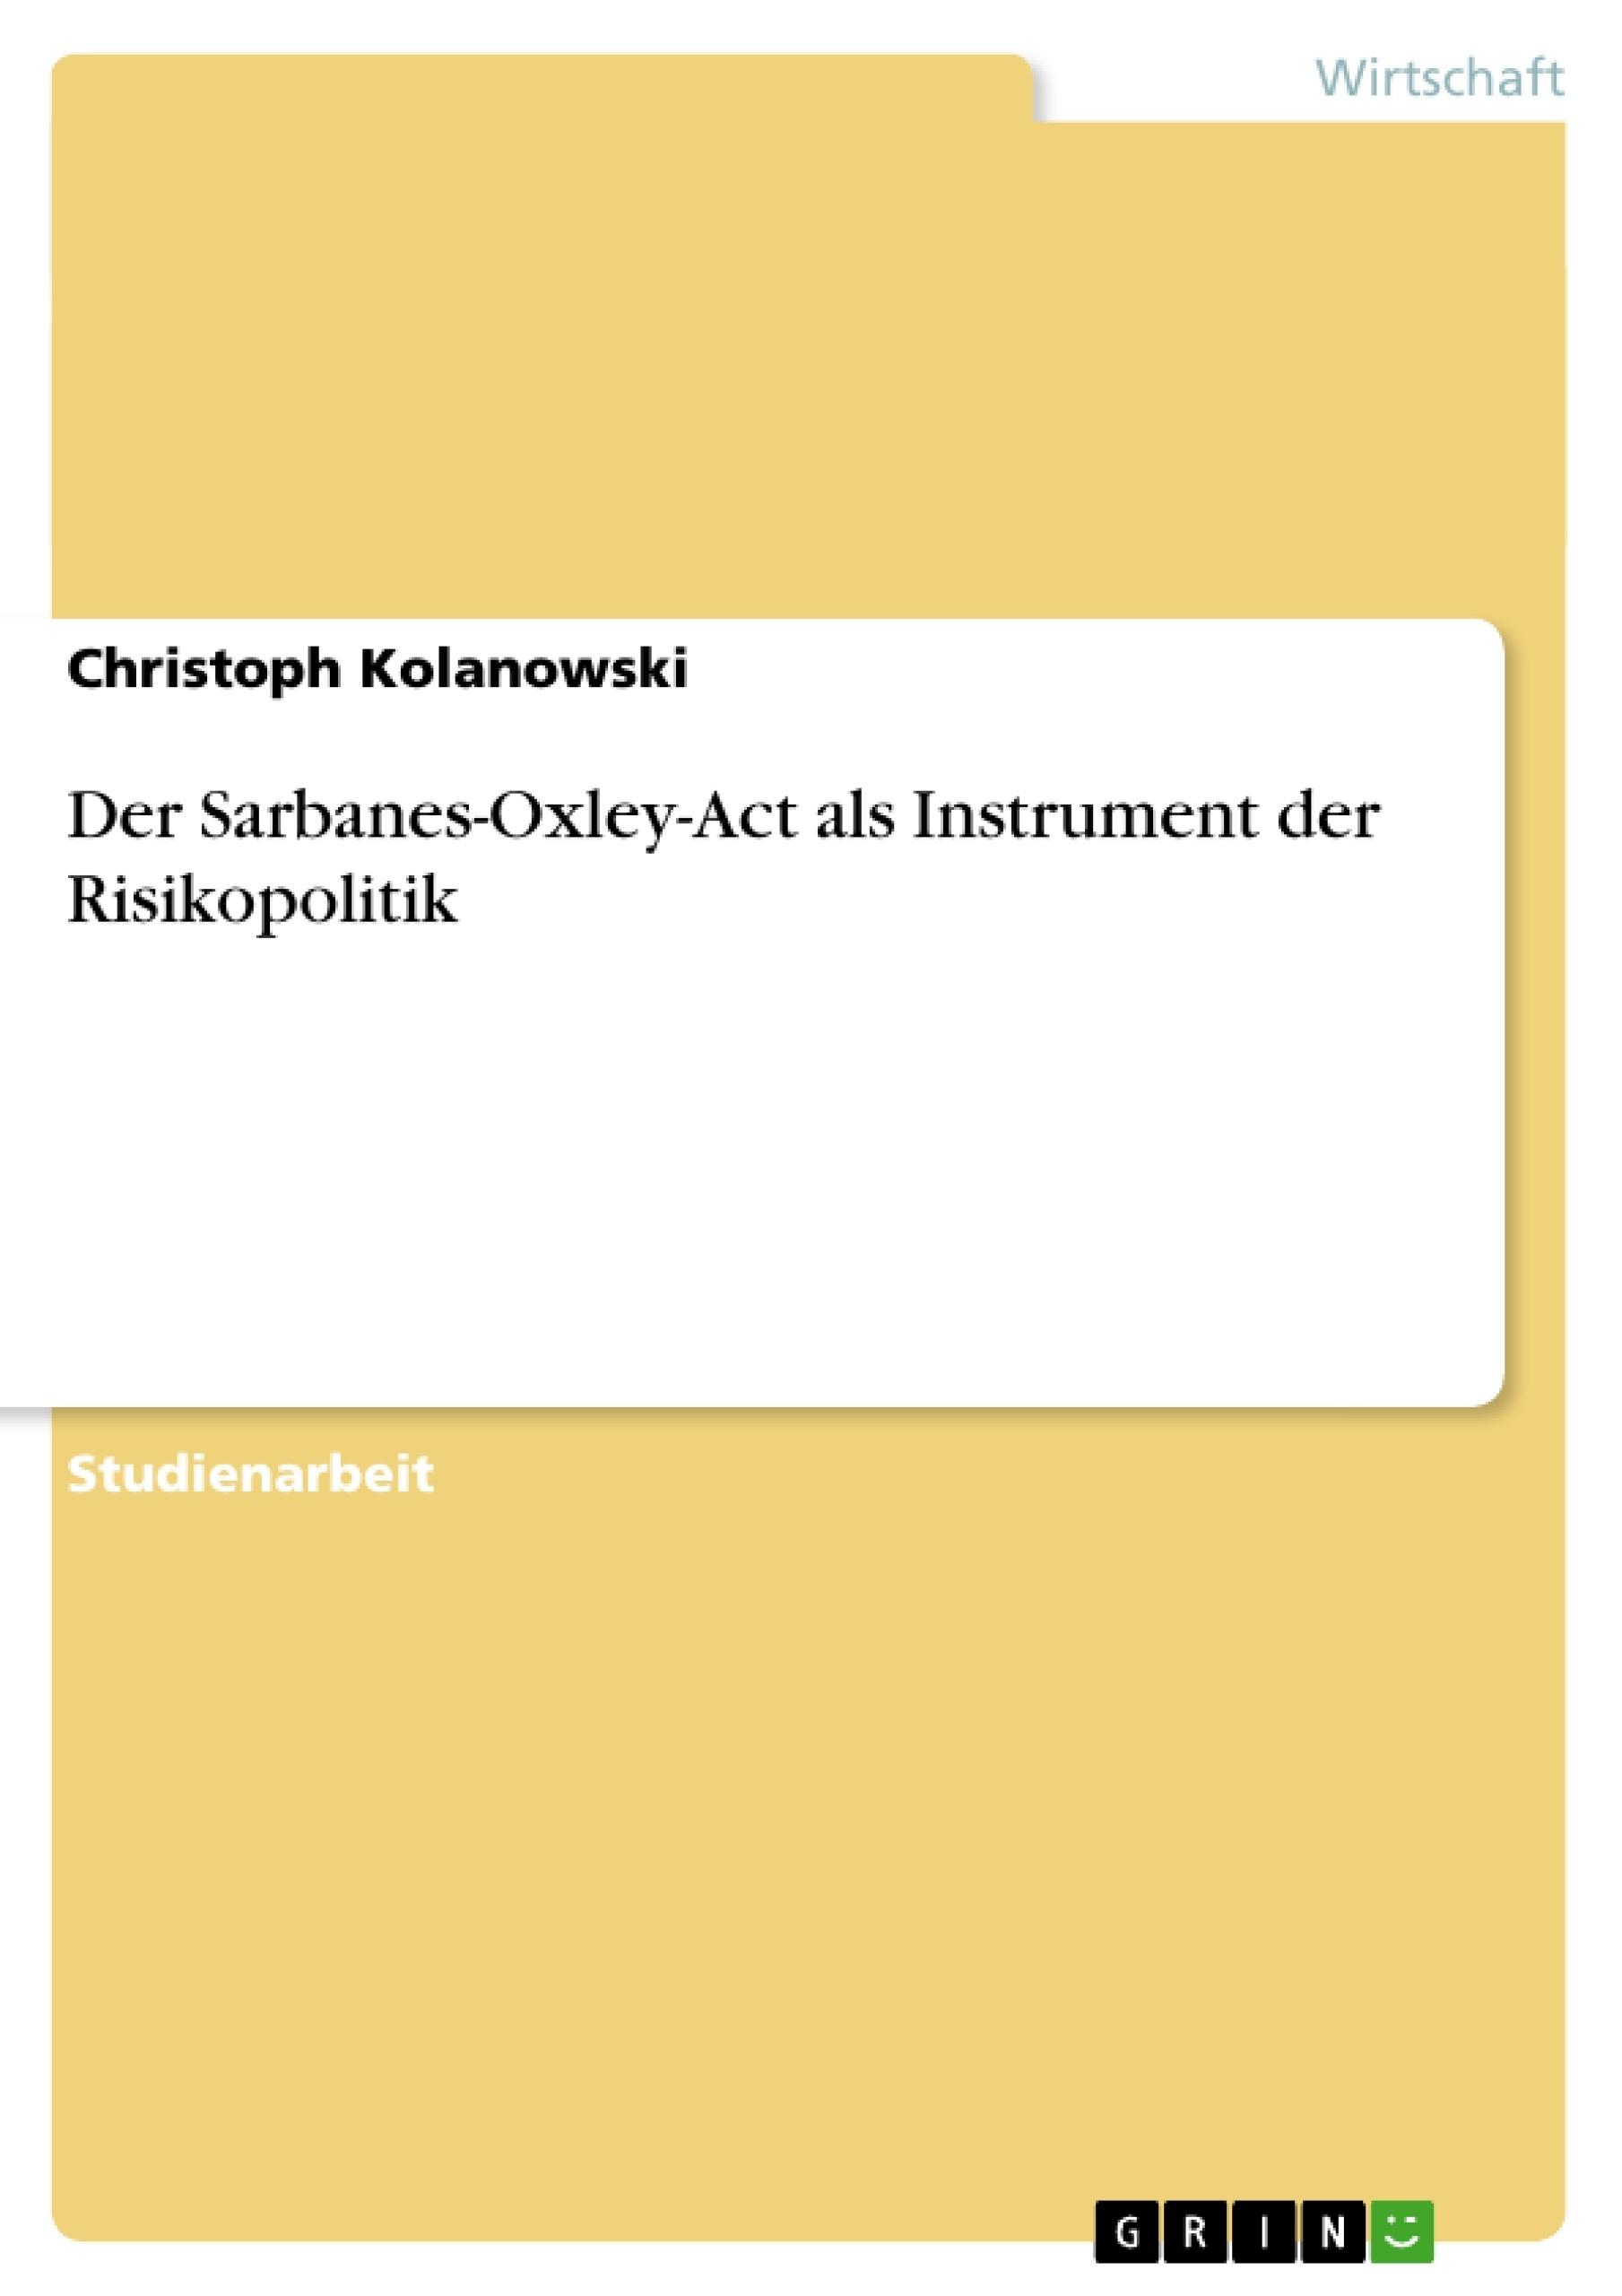 Titel: Der Sarbanes-Oxley-Act als Instrument der Risikopolitik